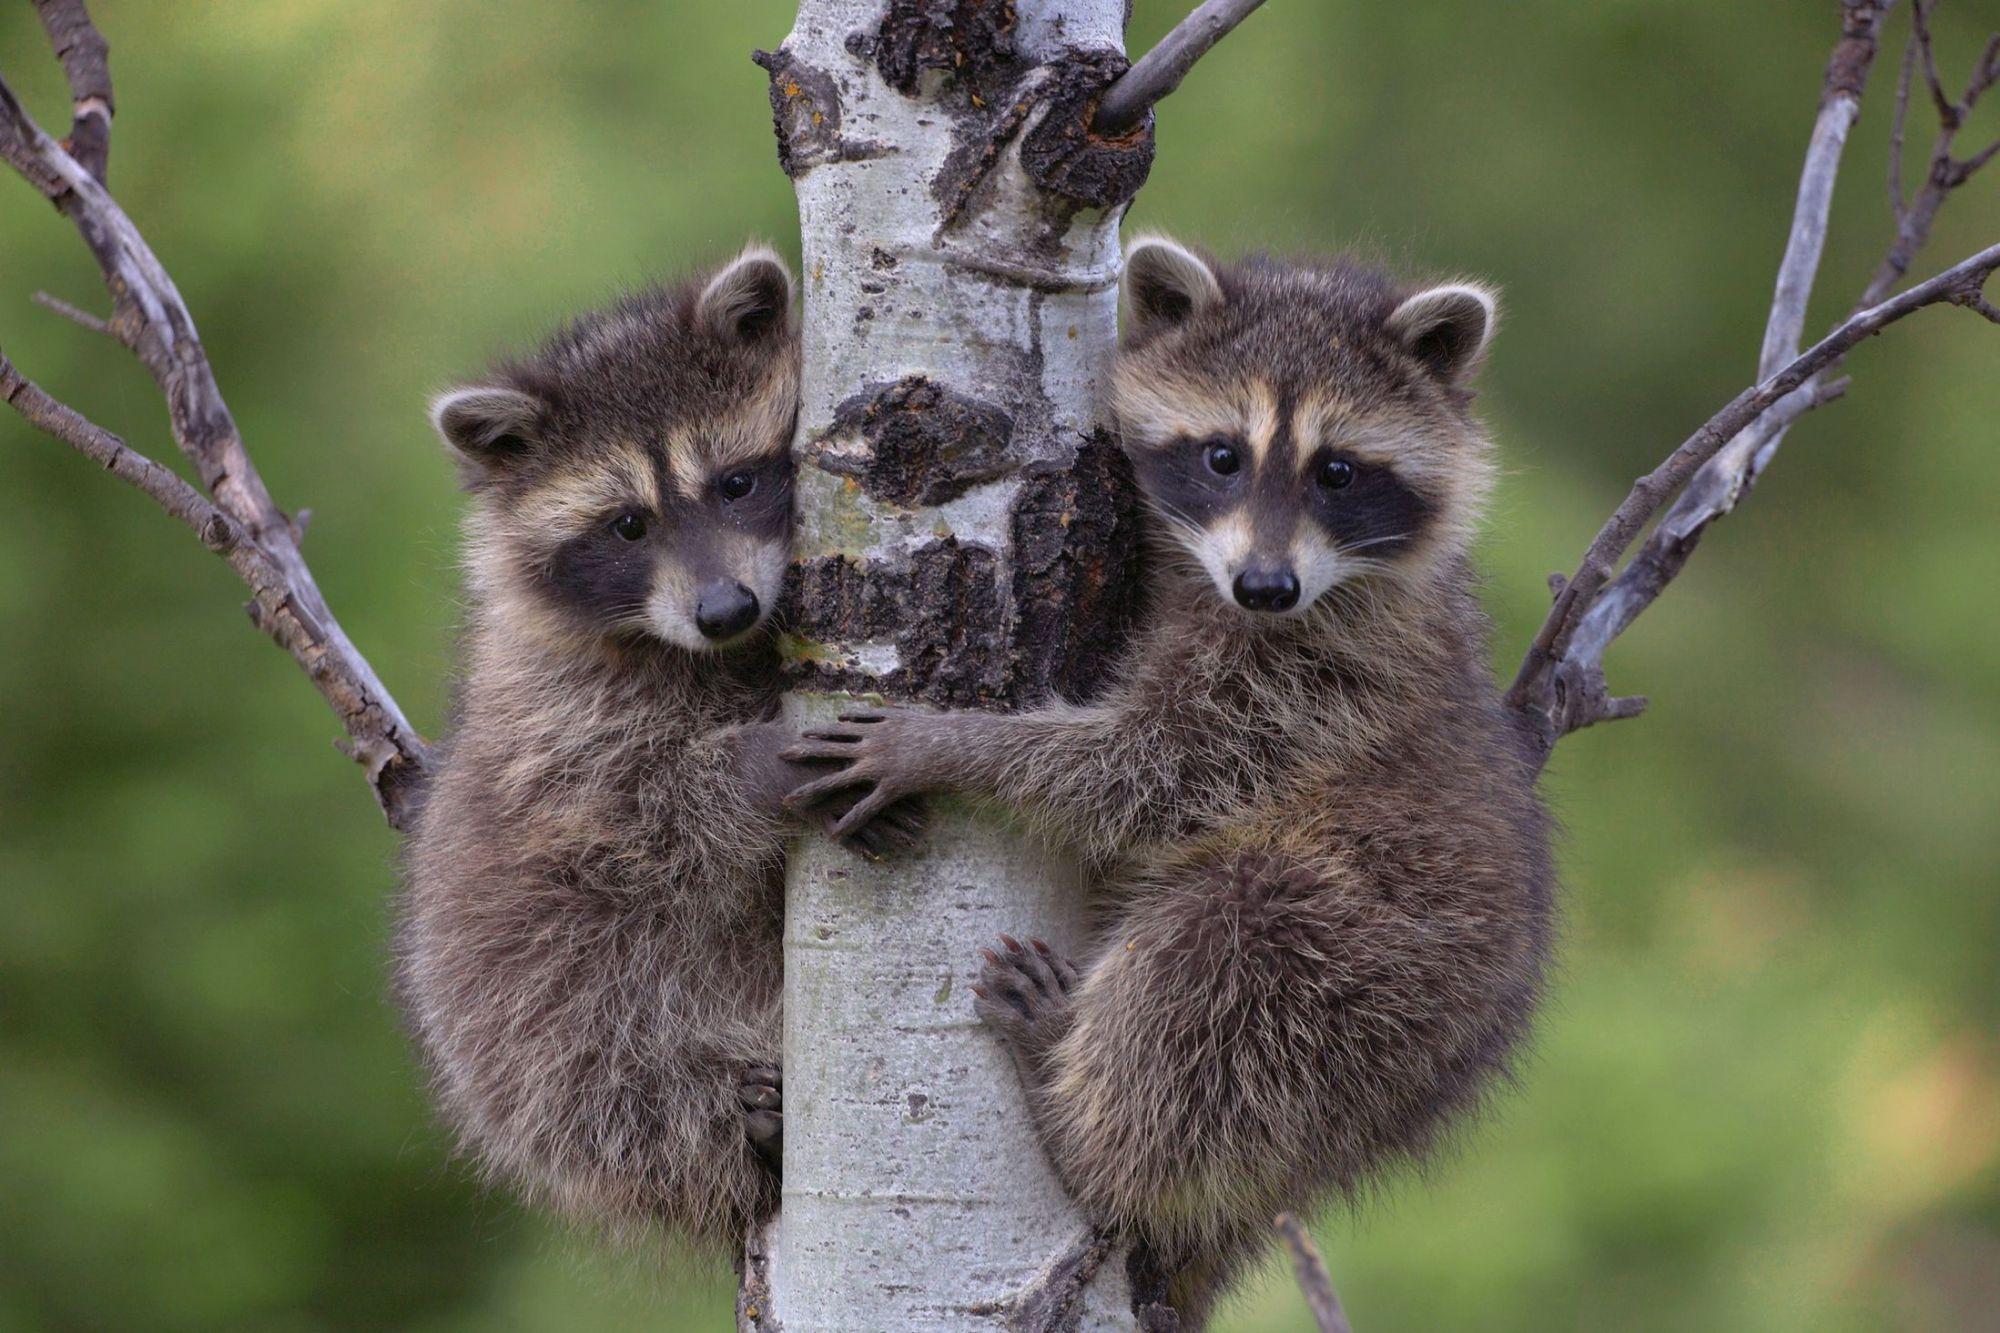 еноты - Поиск в Google | Морды животных, Смешные животные ...